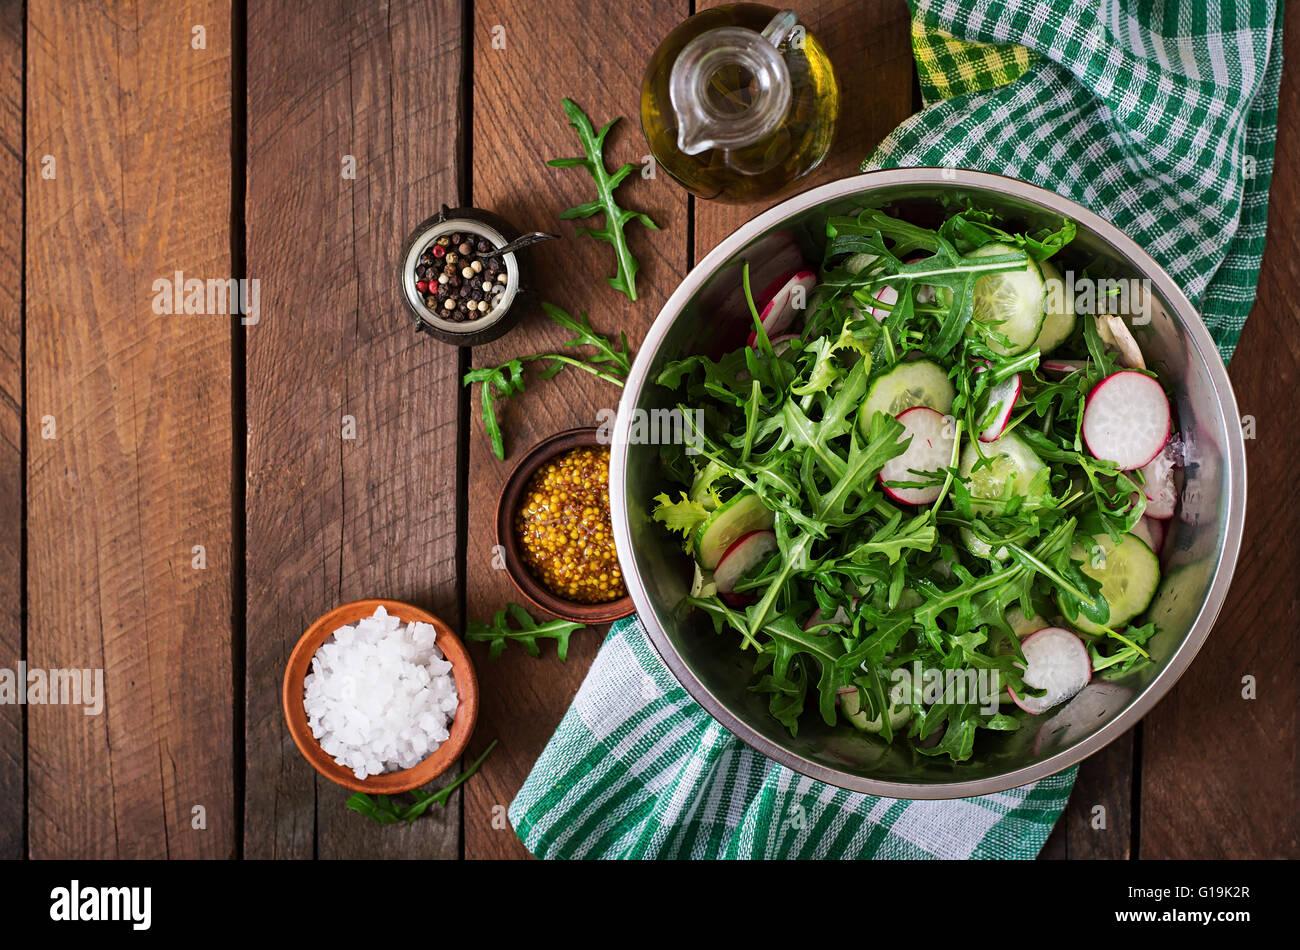 Zutaten für Salat Rucola, Radieschen, Gurken und Gewürzen. Ansicht von oben Stockbild